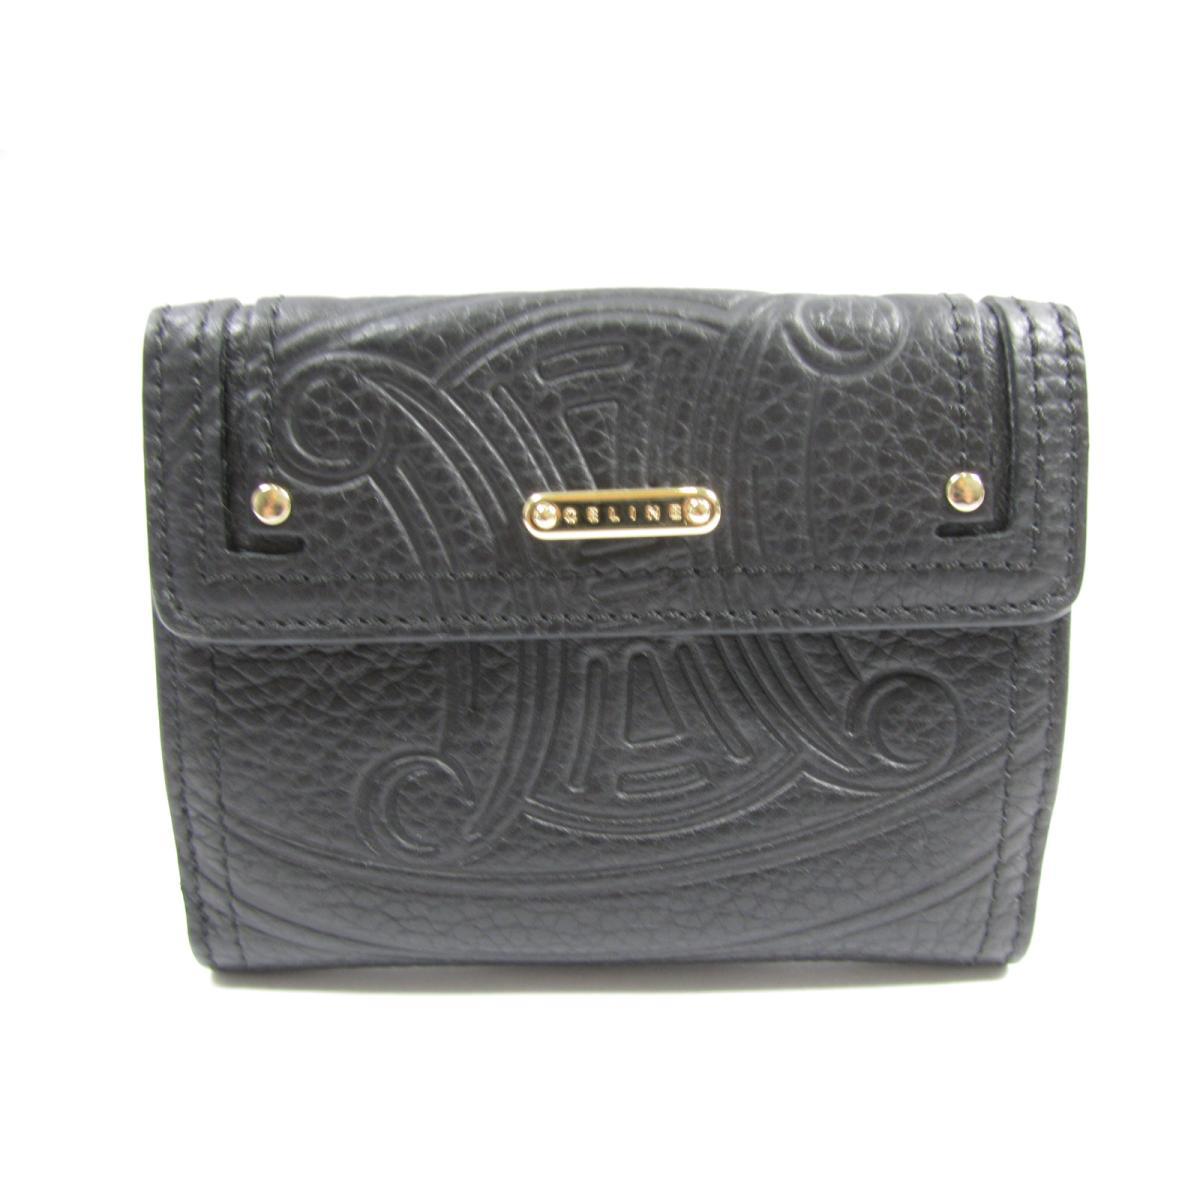 【中古】 セリーヌ Wホック財布 レディース レザー ブラック (107493NGR) | CELINE 財布 Wホック財布 美品 ブランドオフ BRANDOFF